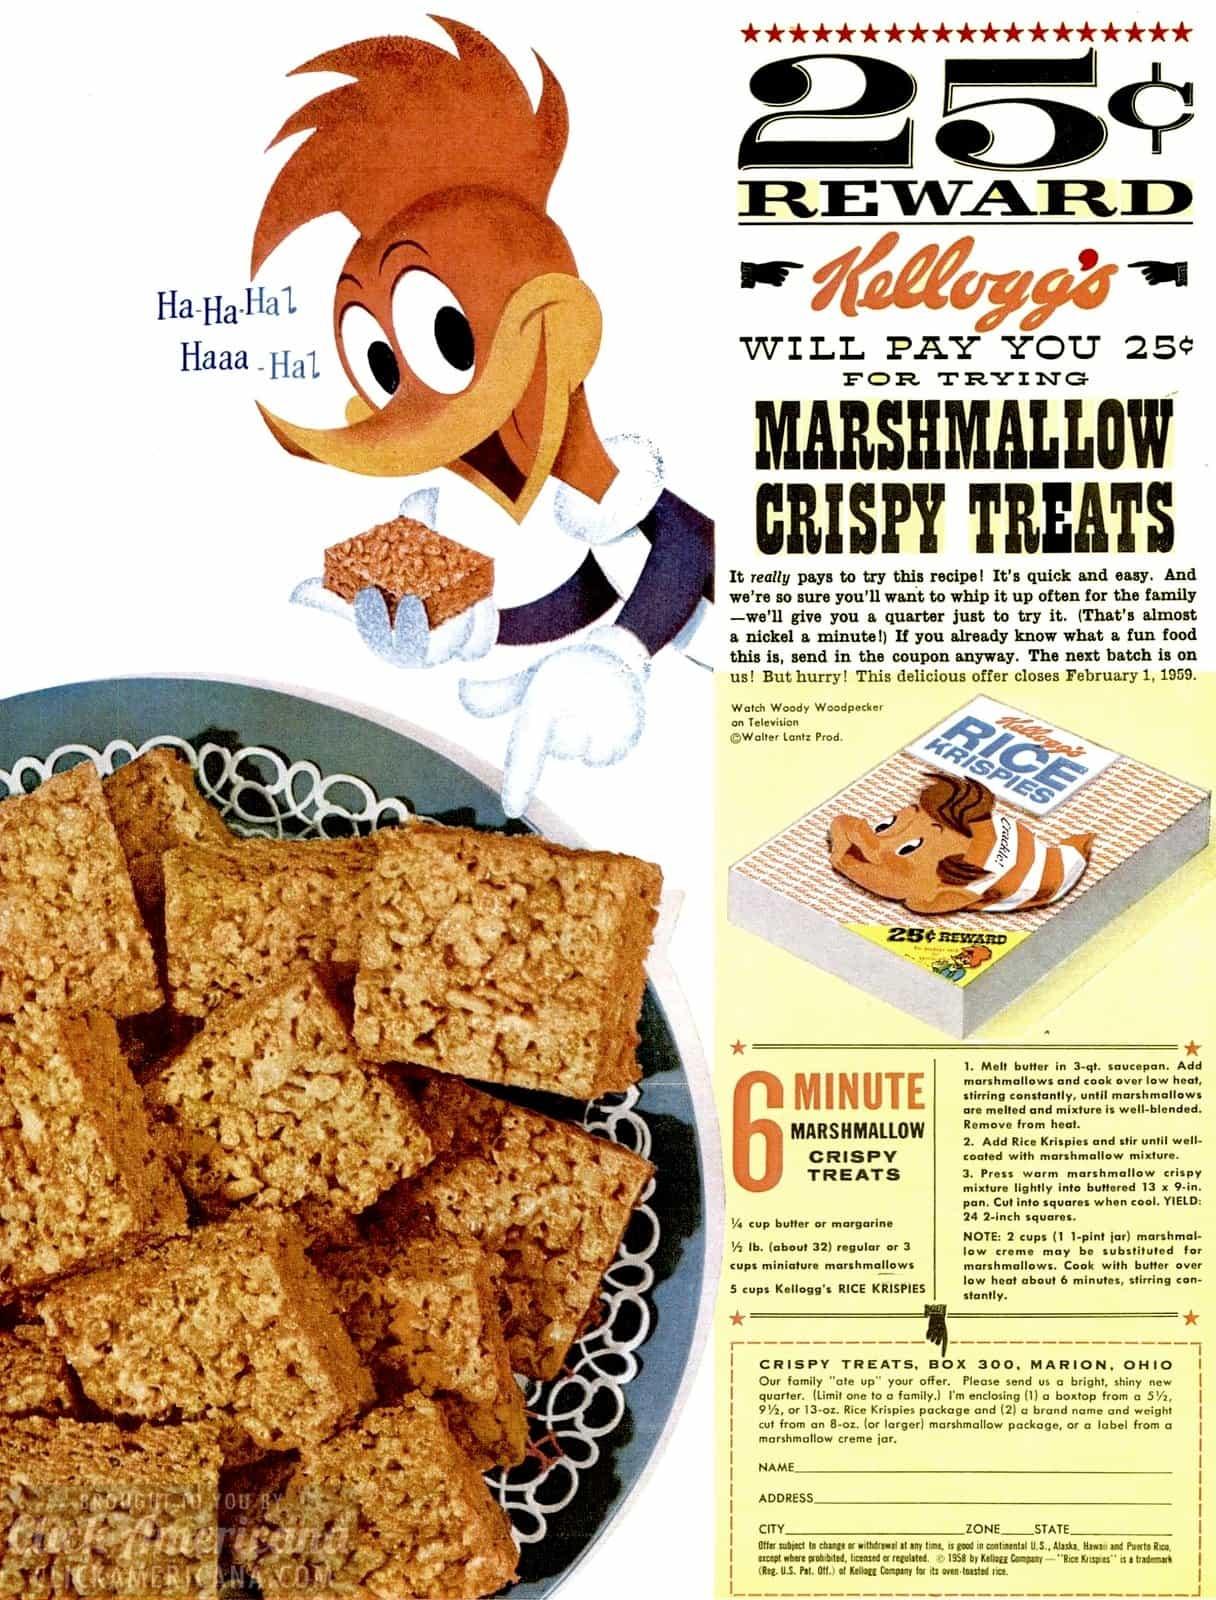 Woody Woodpecker with a Marshmallow Crispy Treats recipe (1958)